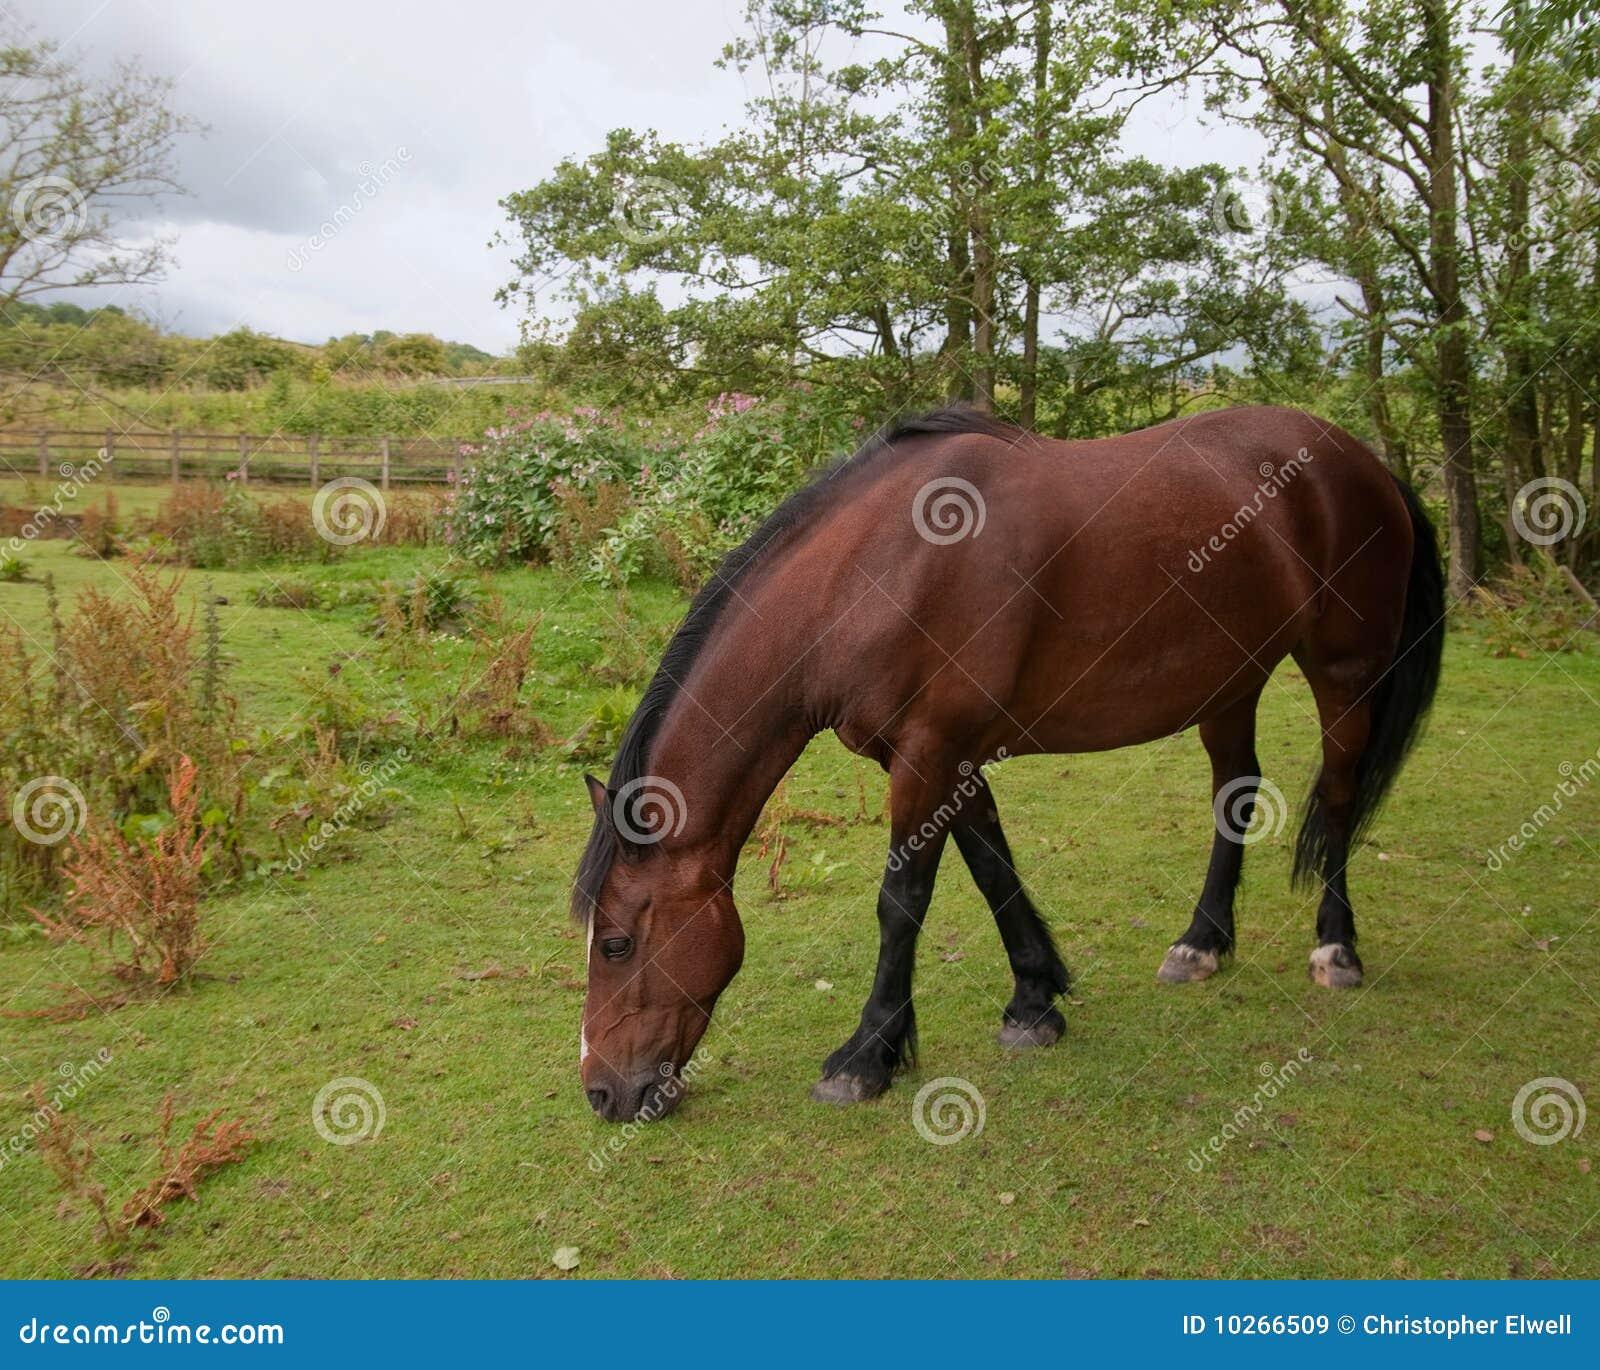 Chestnut Horse Royalty Free Stock Images - Image: 10266509 - photo#19